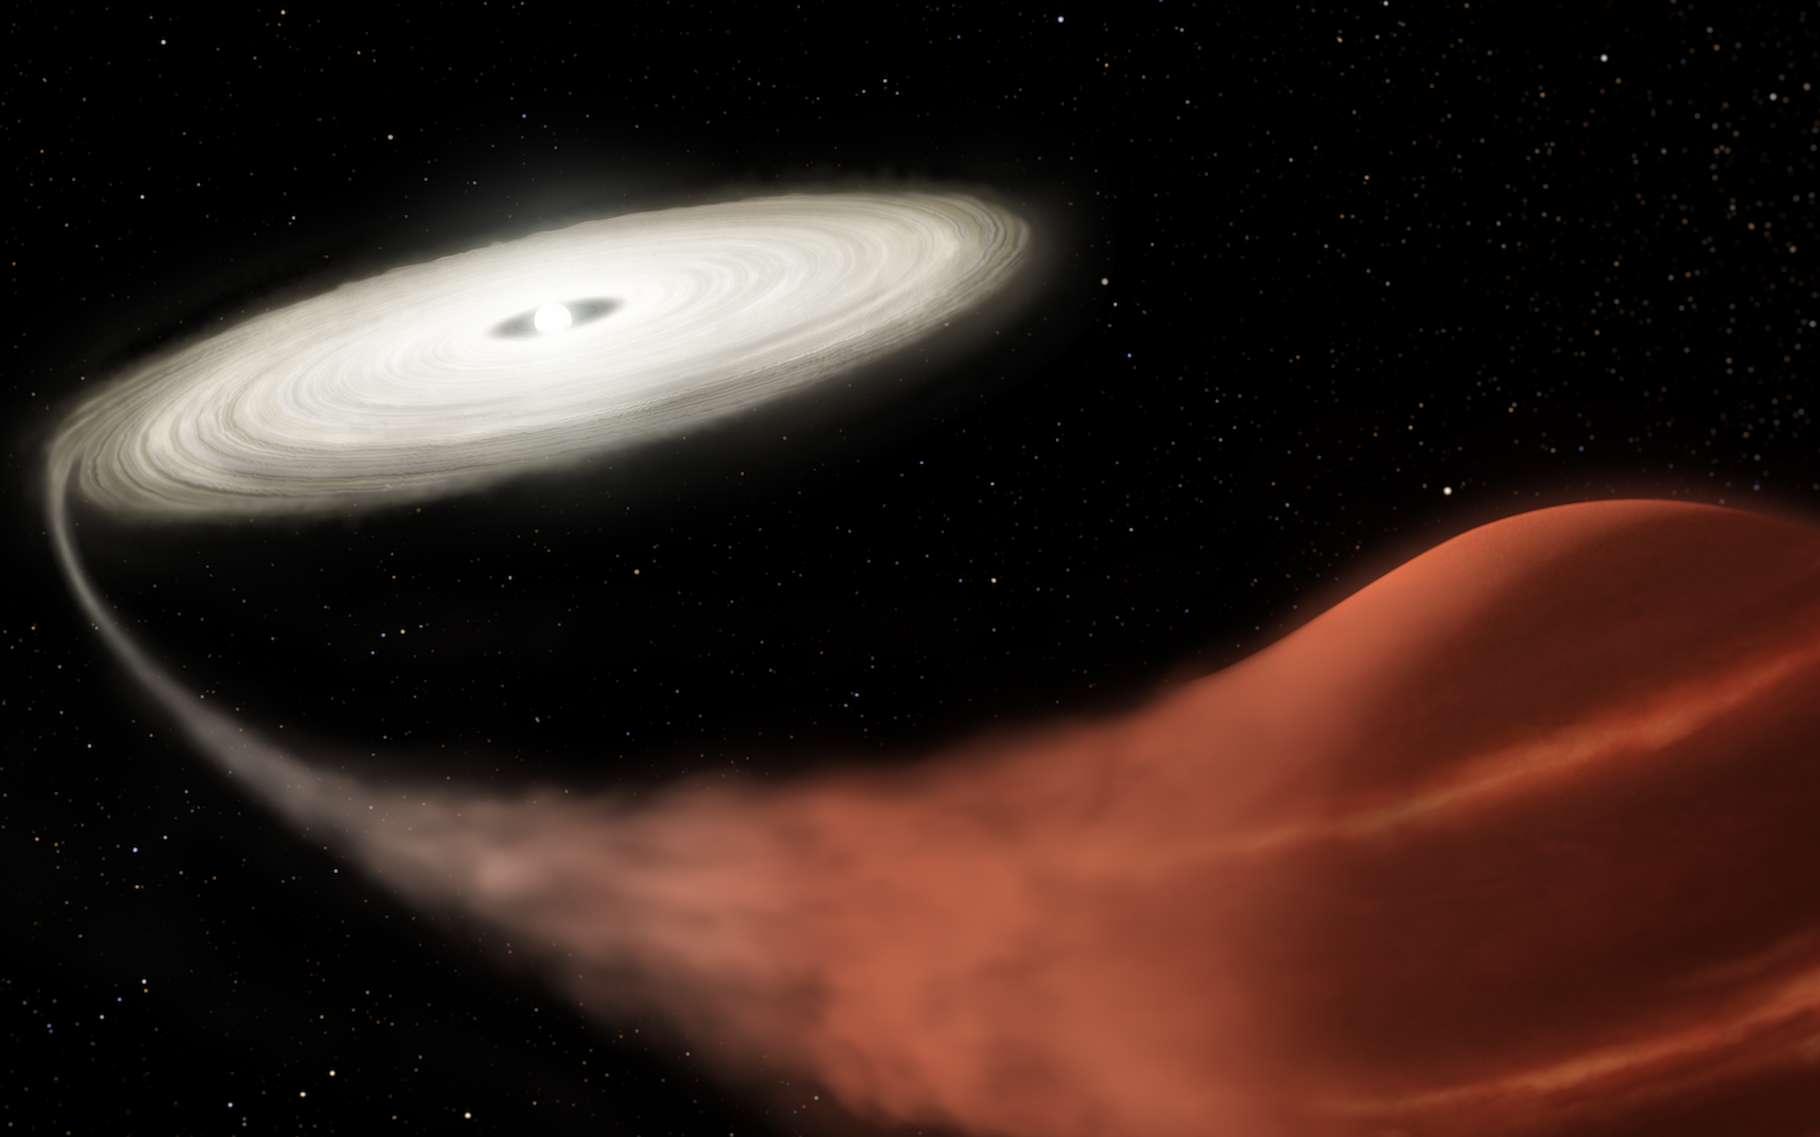 Cette illustration montre une nova naine nouvellement découverte, dans lequel une étoile naine blanche aspire de la matière de sa compagne naine brune. Tel un vampire. Le matériau s'accumule dans un disque d'accrétion jusqu'à la survenue d'une super-explosion observée par des chercheurs de la Nasa (États-Unis). © L. Hustak, STScl, Nasa